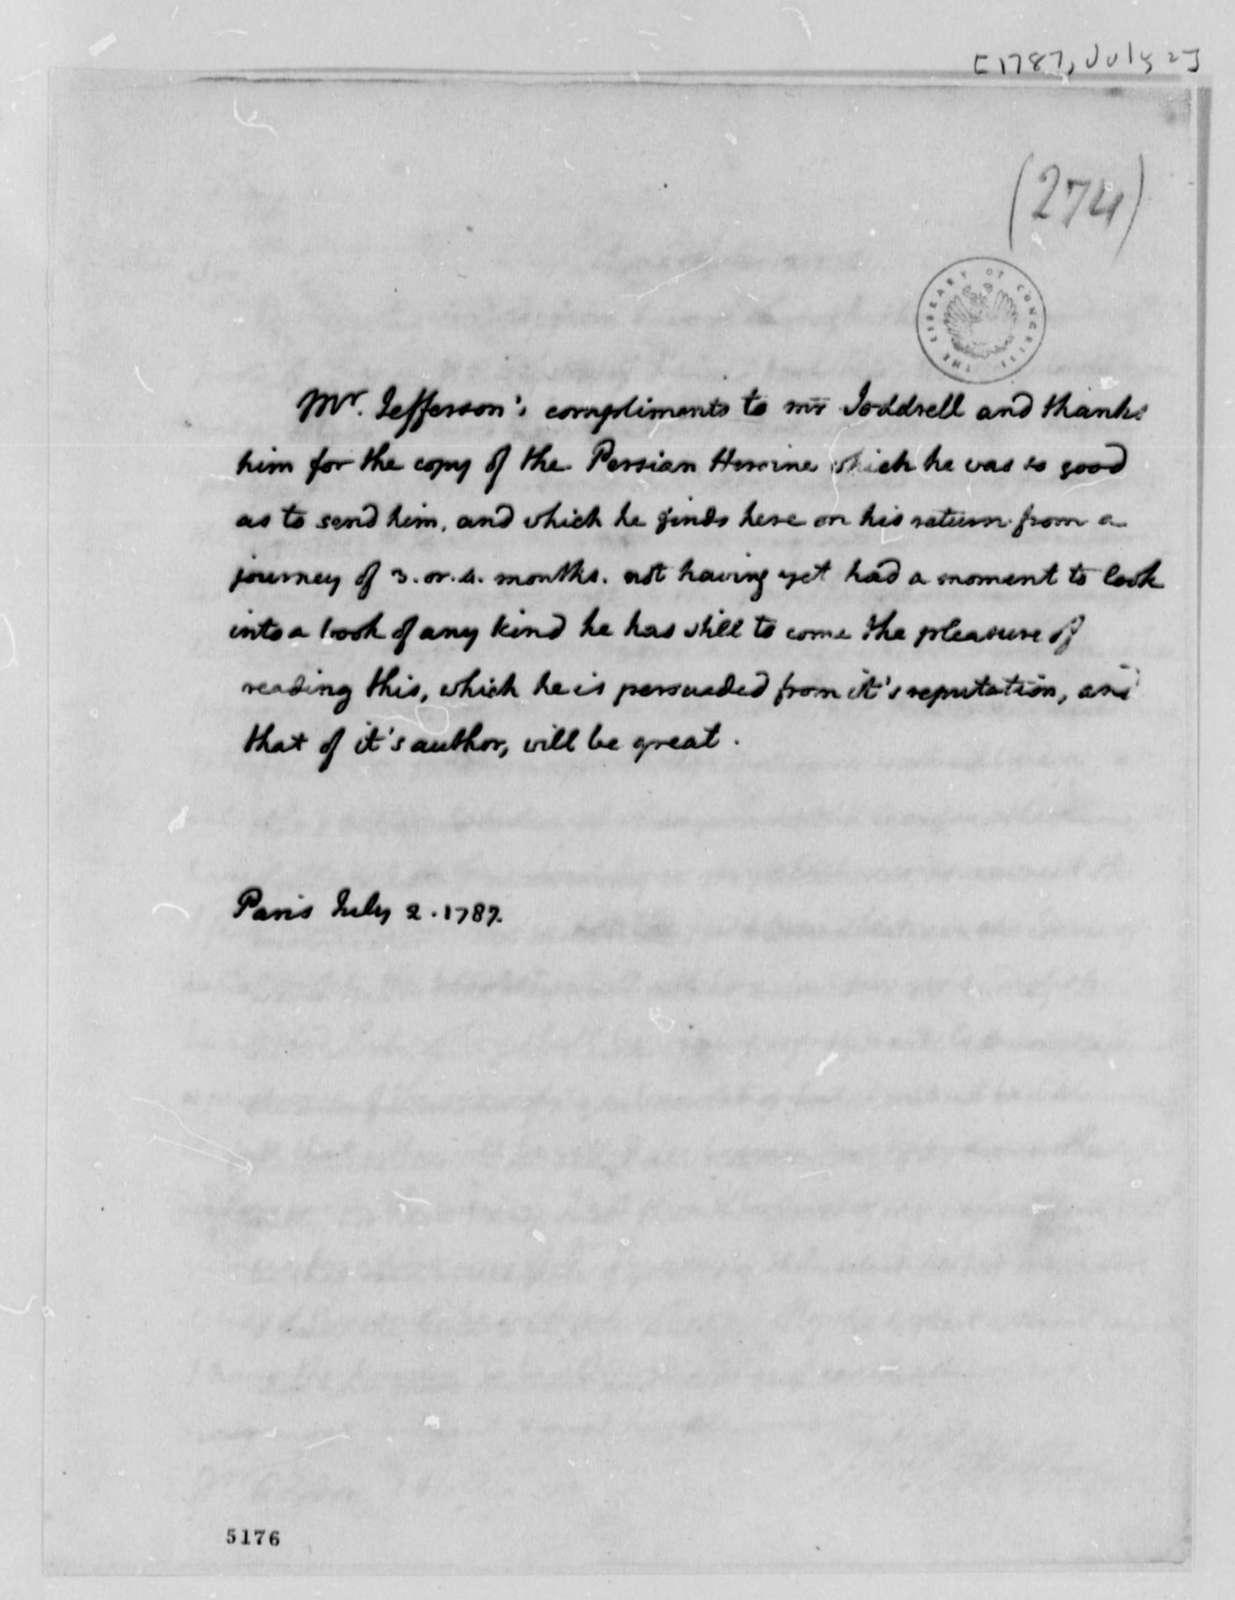 Richard Paul Jodrell to Thomas Jefferson, July 2, 1787